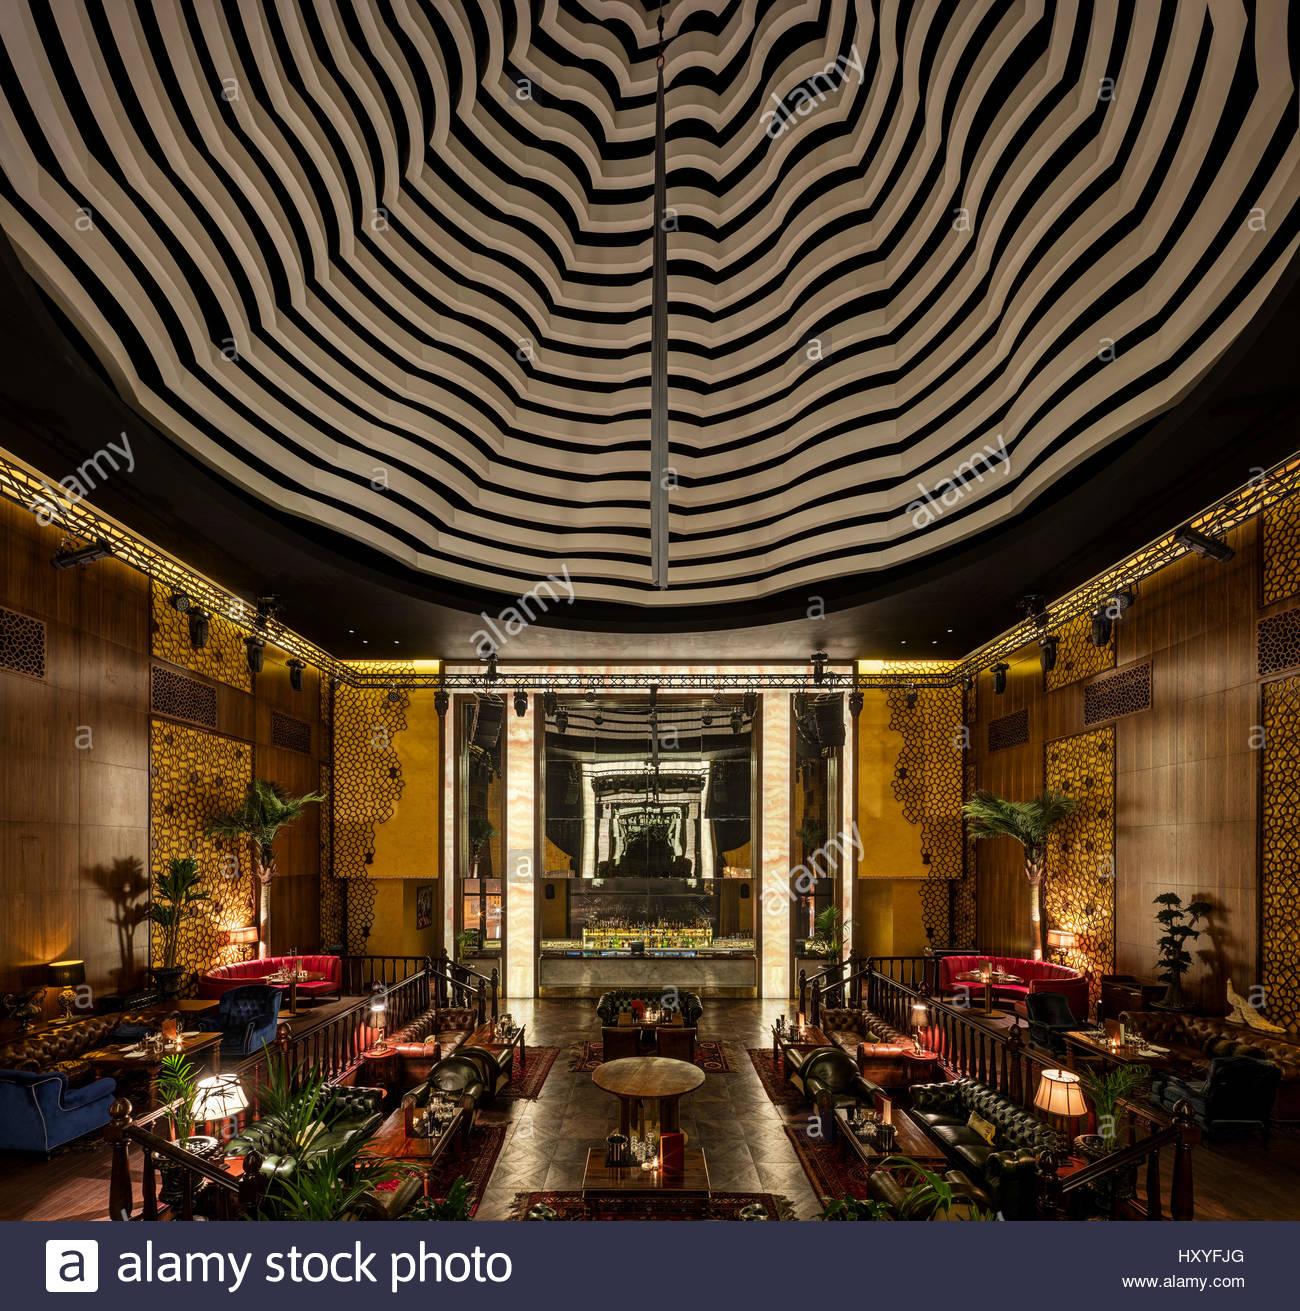 Lights Shop In Qatar: Night Club View. Marsa Malaz Kempinski